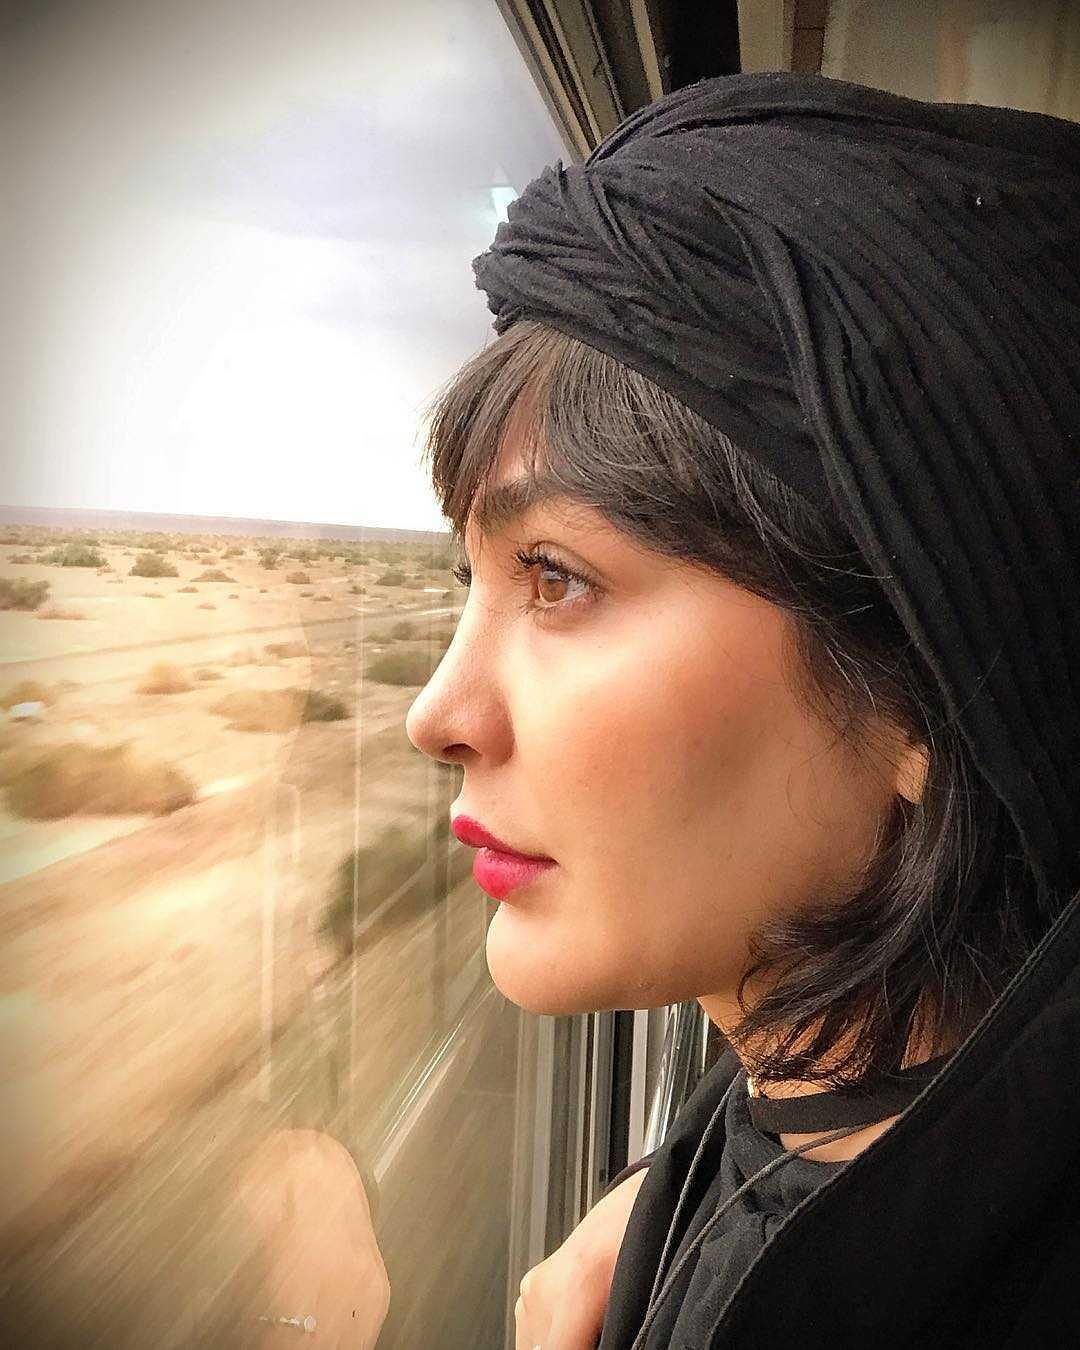 عکس جدید مریم معصومی در قطار